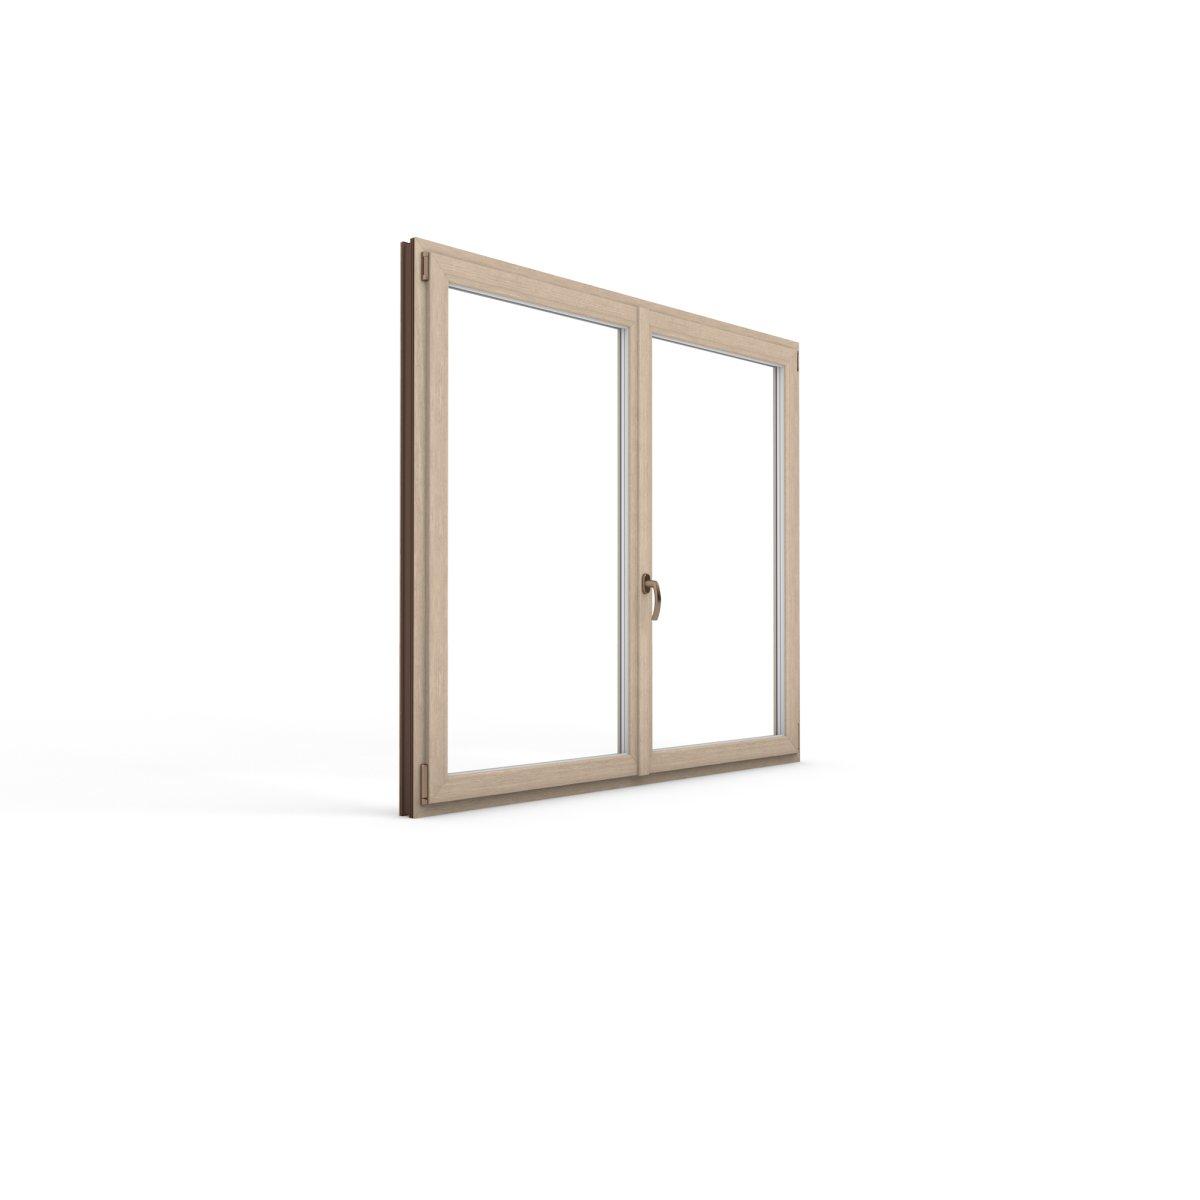 Full Size of Fenster Drutex Druteiglo Light Kunststofffenster Fenstermaxx24com Stores Standardmaße Erneuern Kosten Rollos Mit Integriertem Rollladen Dampfreiniger Trocal Fenster Fenster Drutex